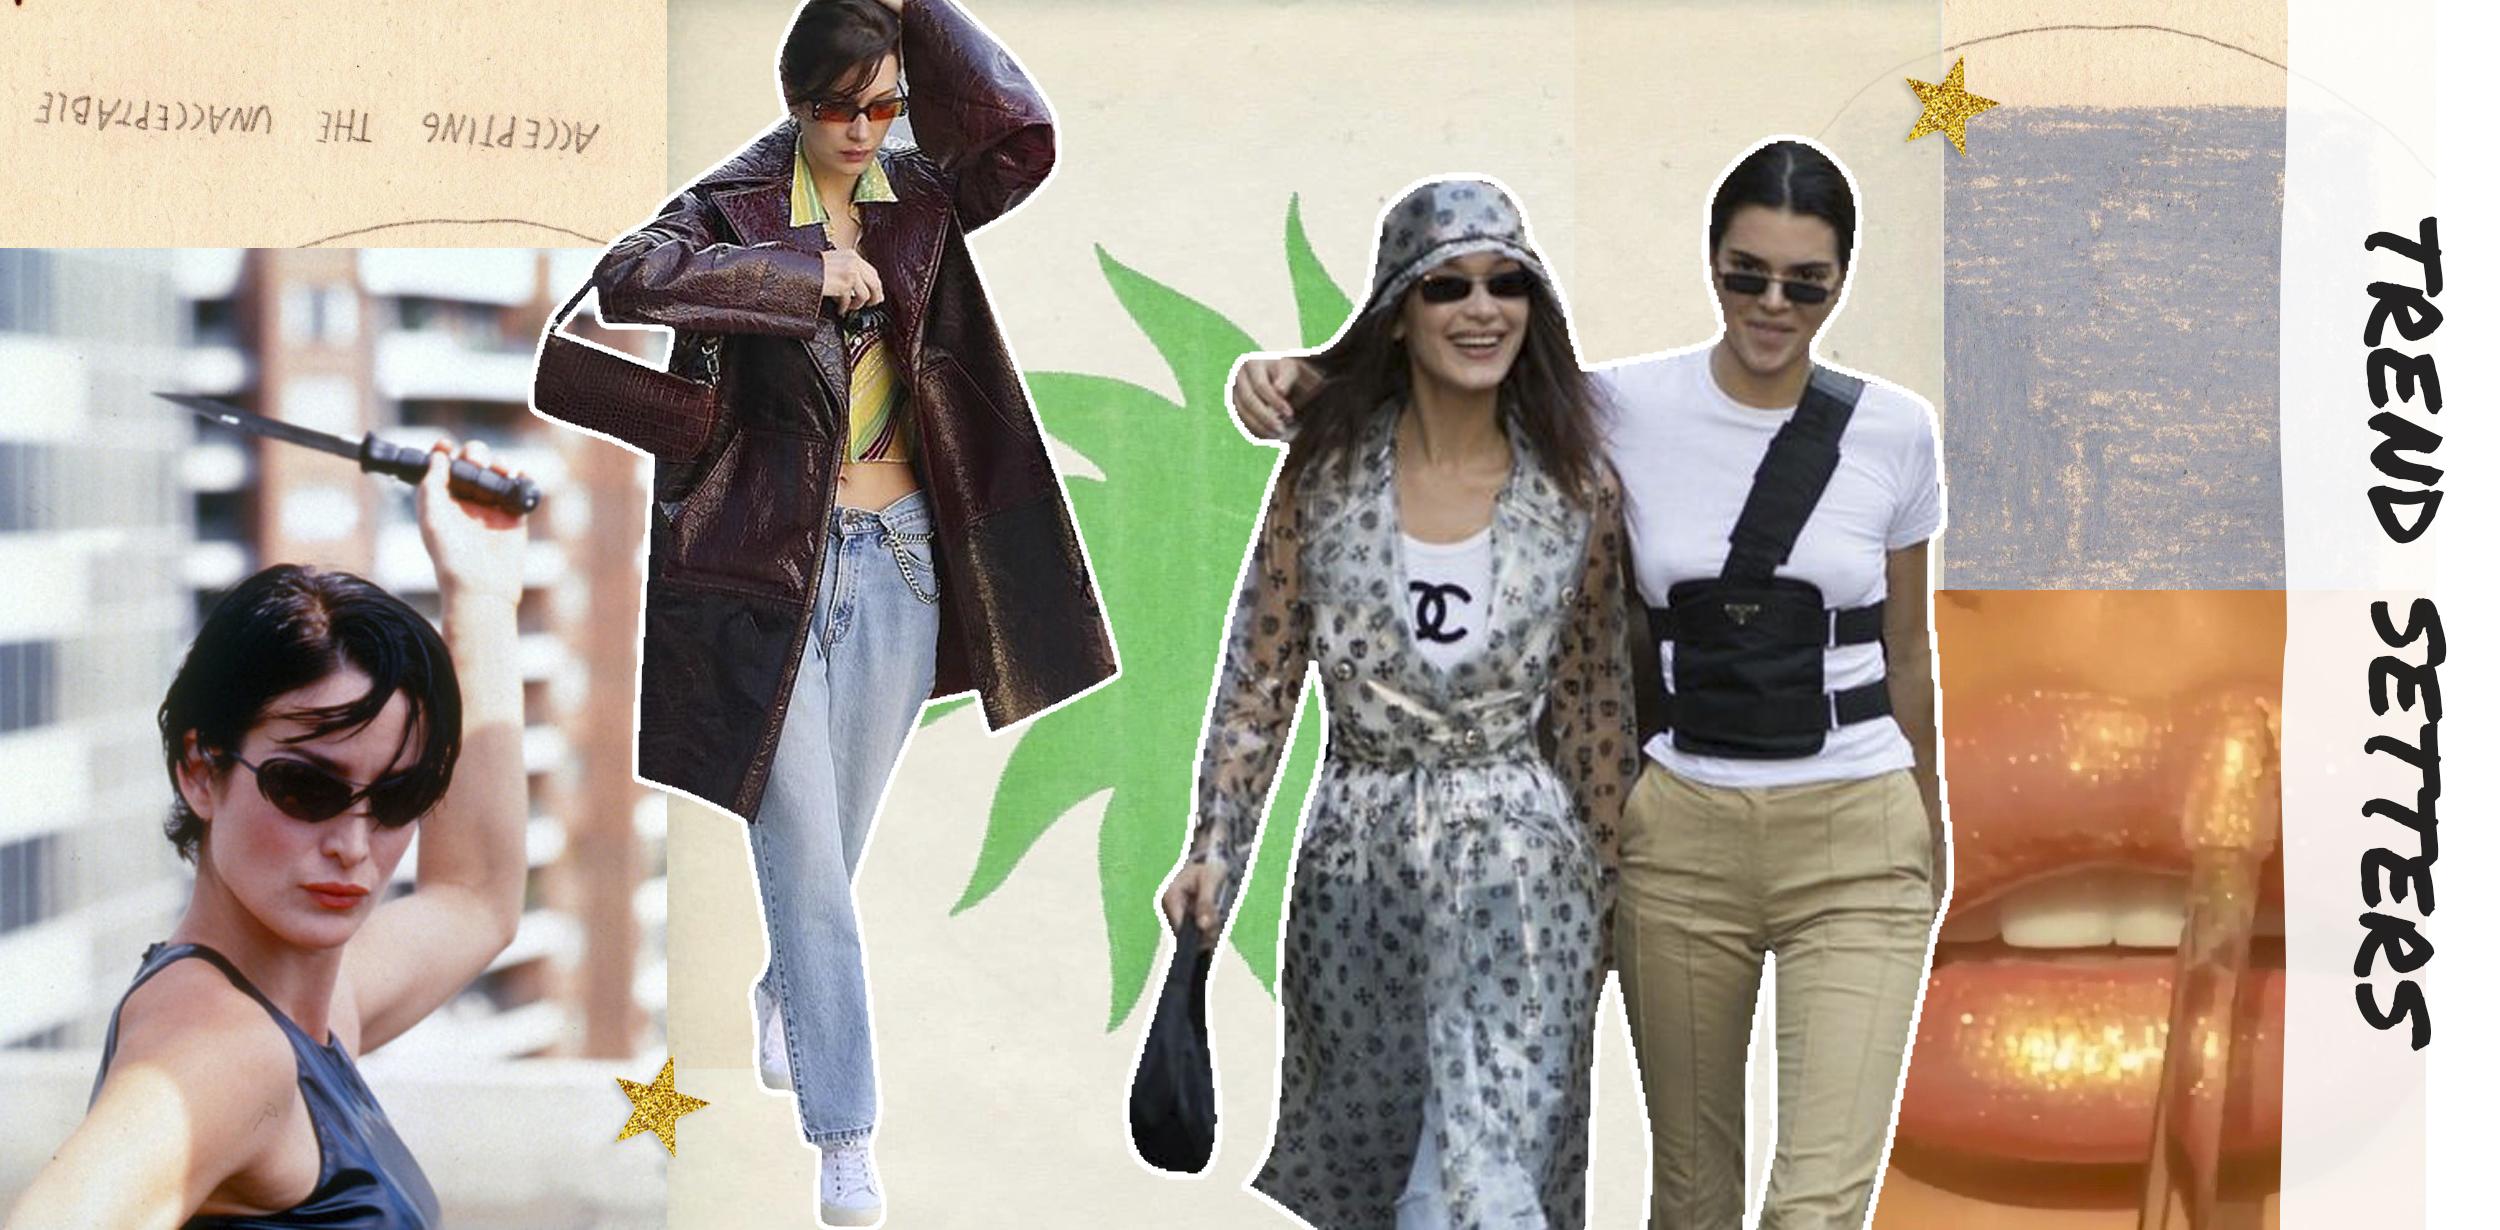 trendsetters.jpg